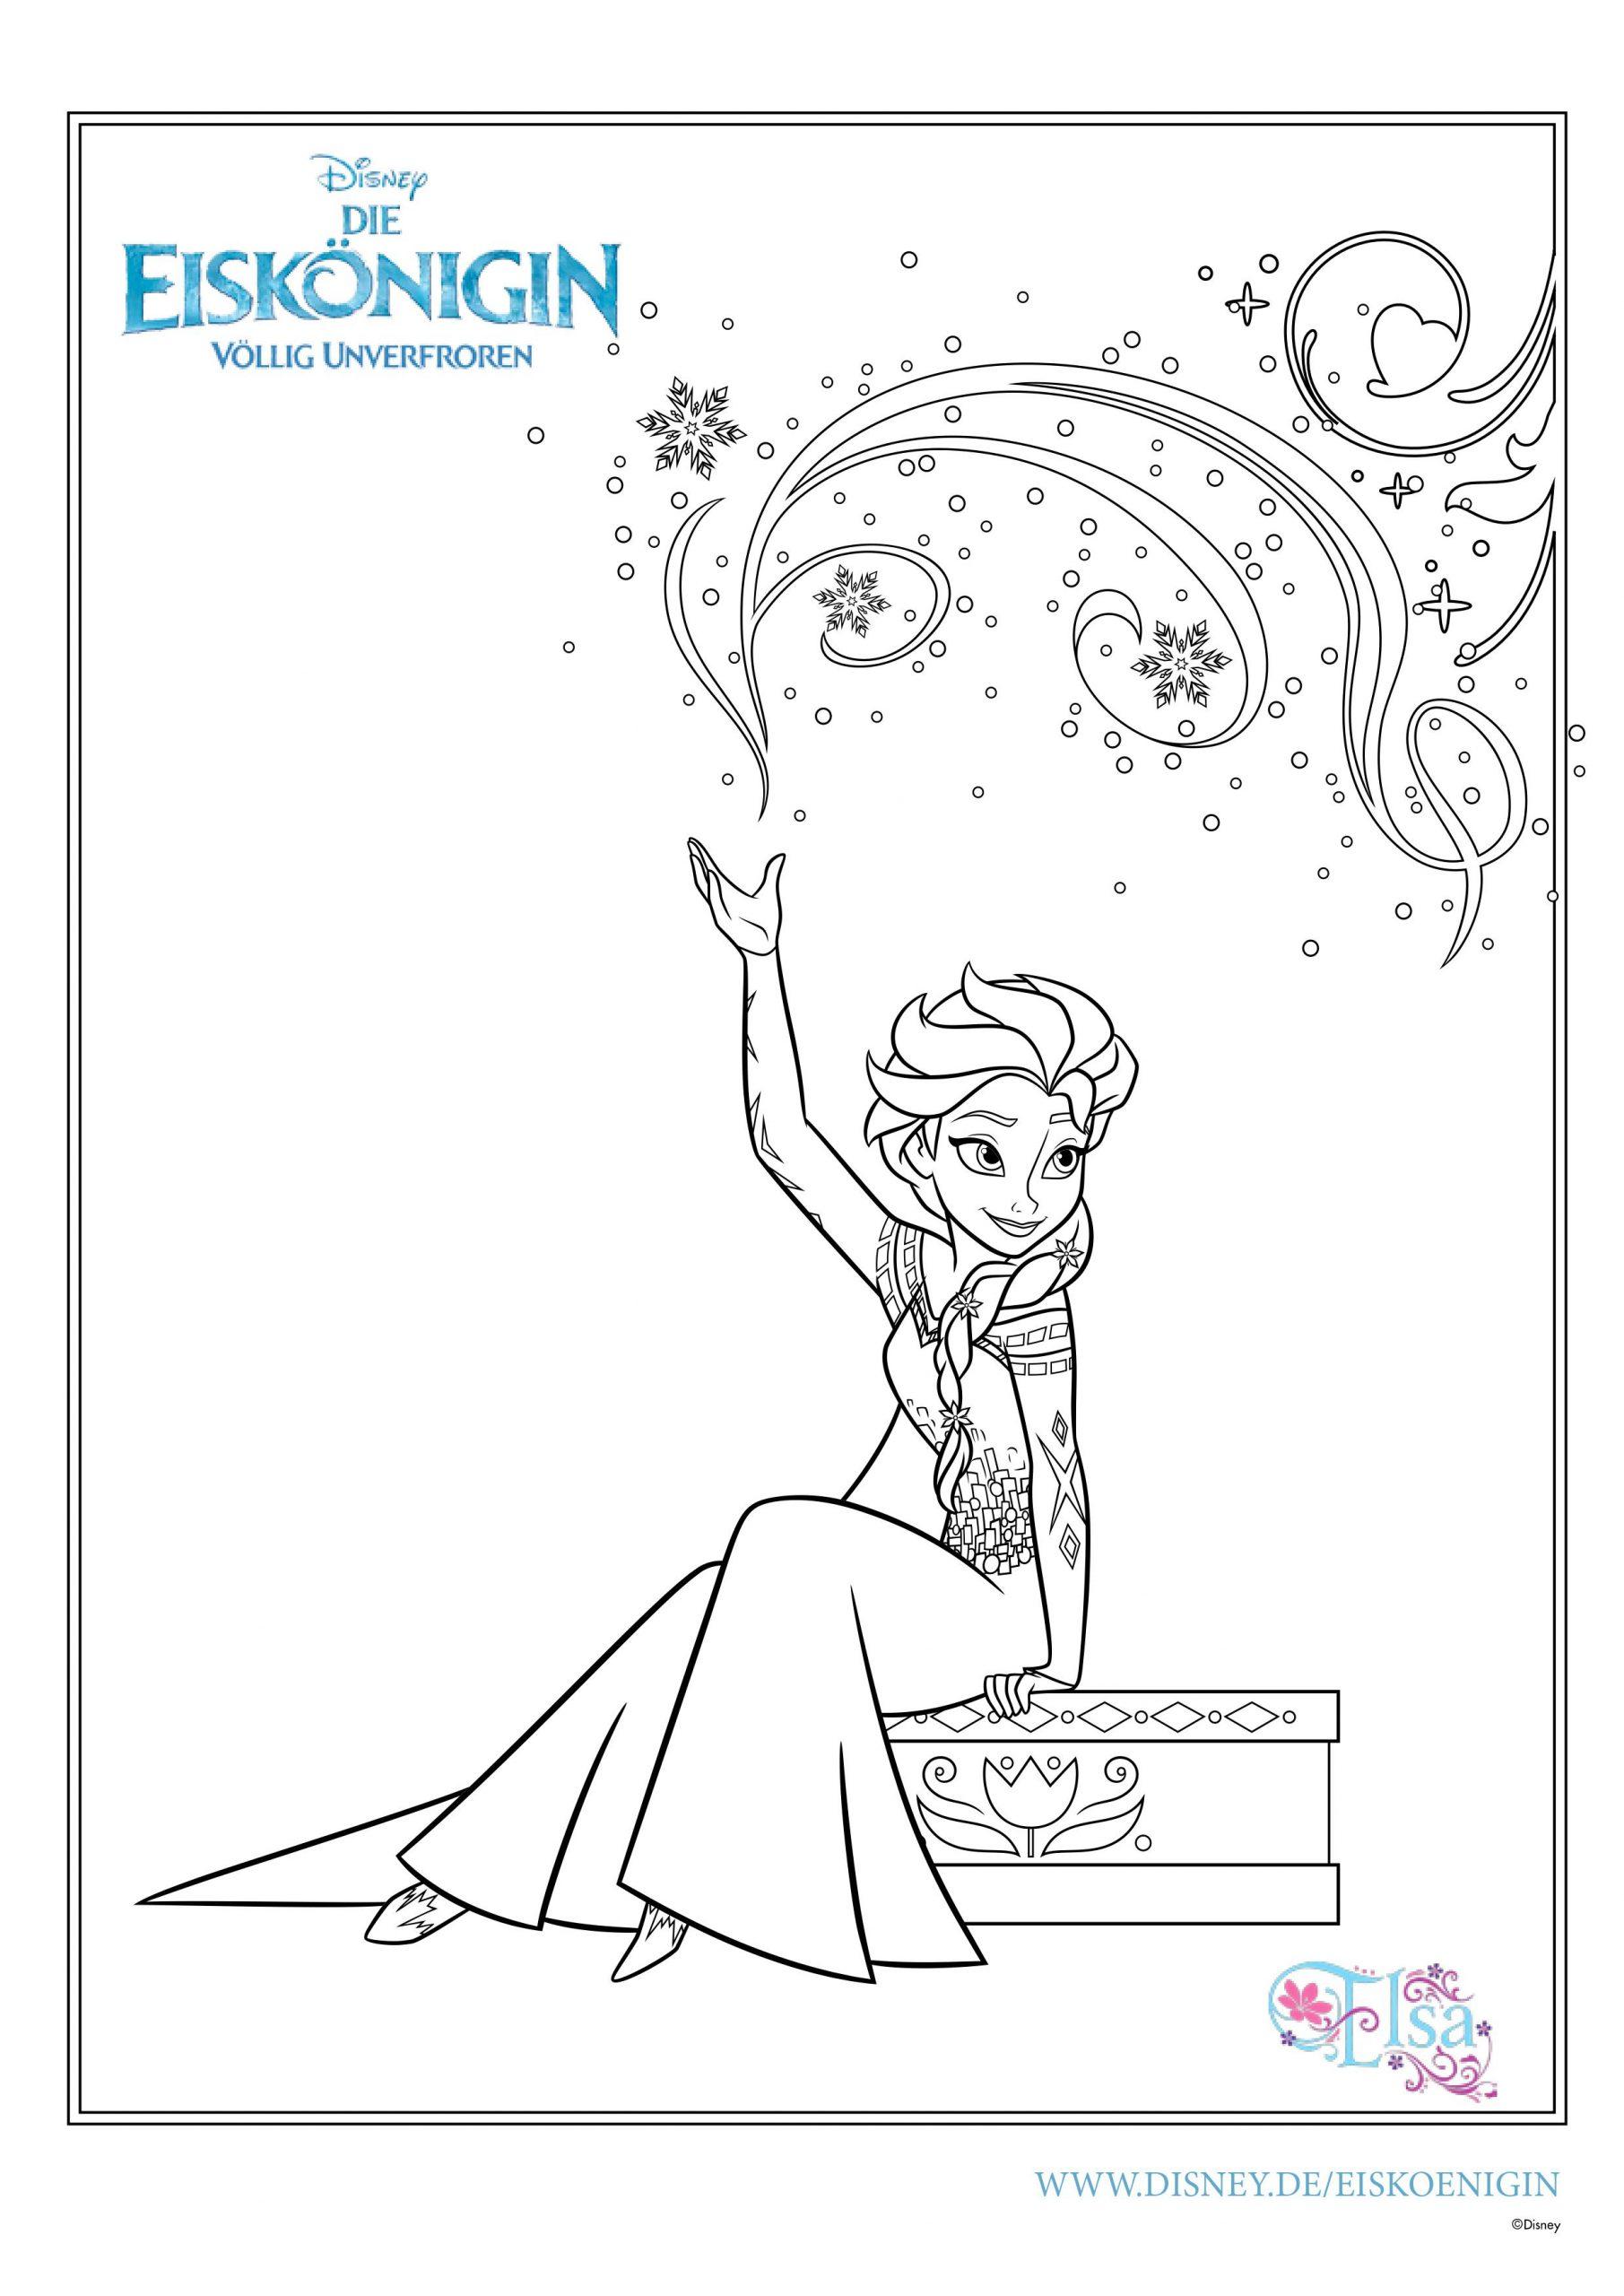 Ausmalbilder Eiskönigin | Mytoys-Blog verwandt mit Ausmalbilder Elsa